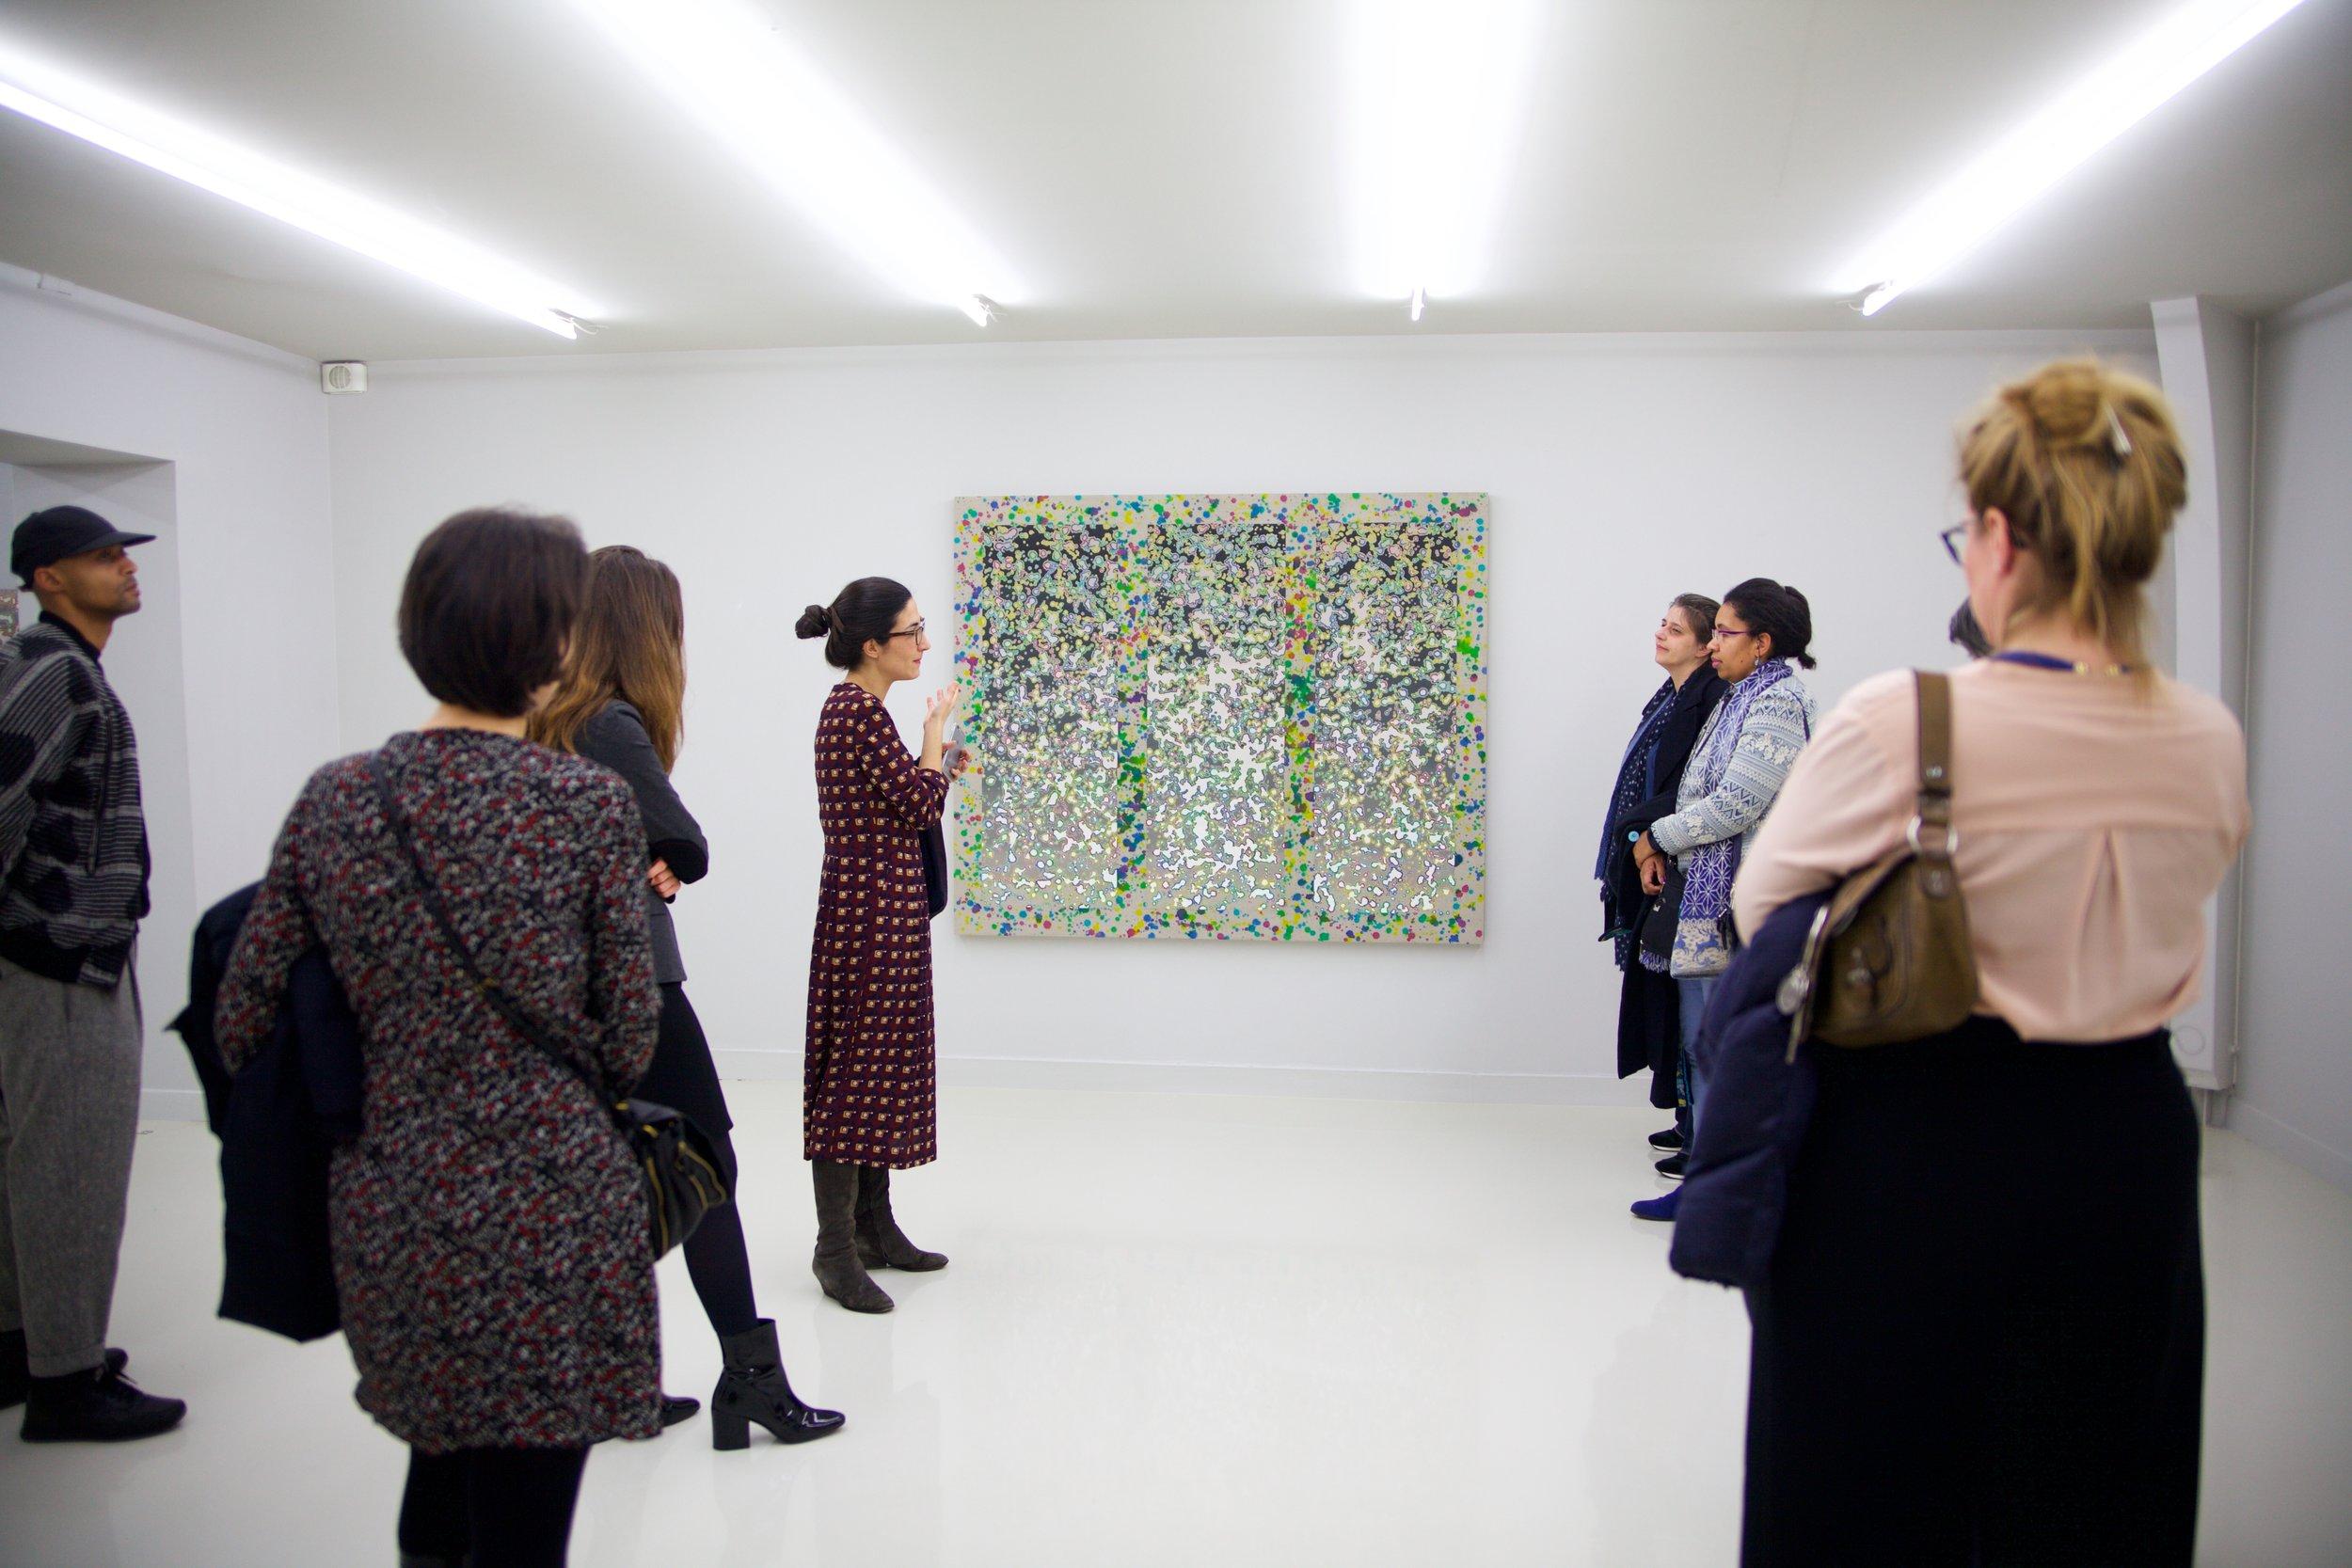 Galerie Bessieres jan2018_MG_6169 80.jpg